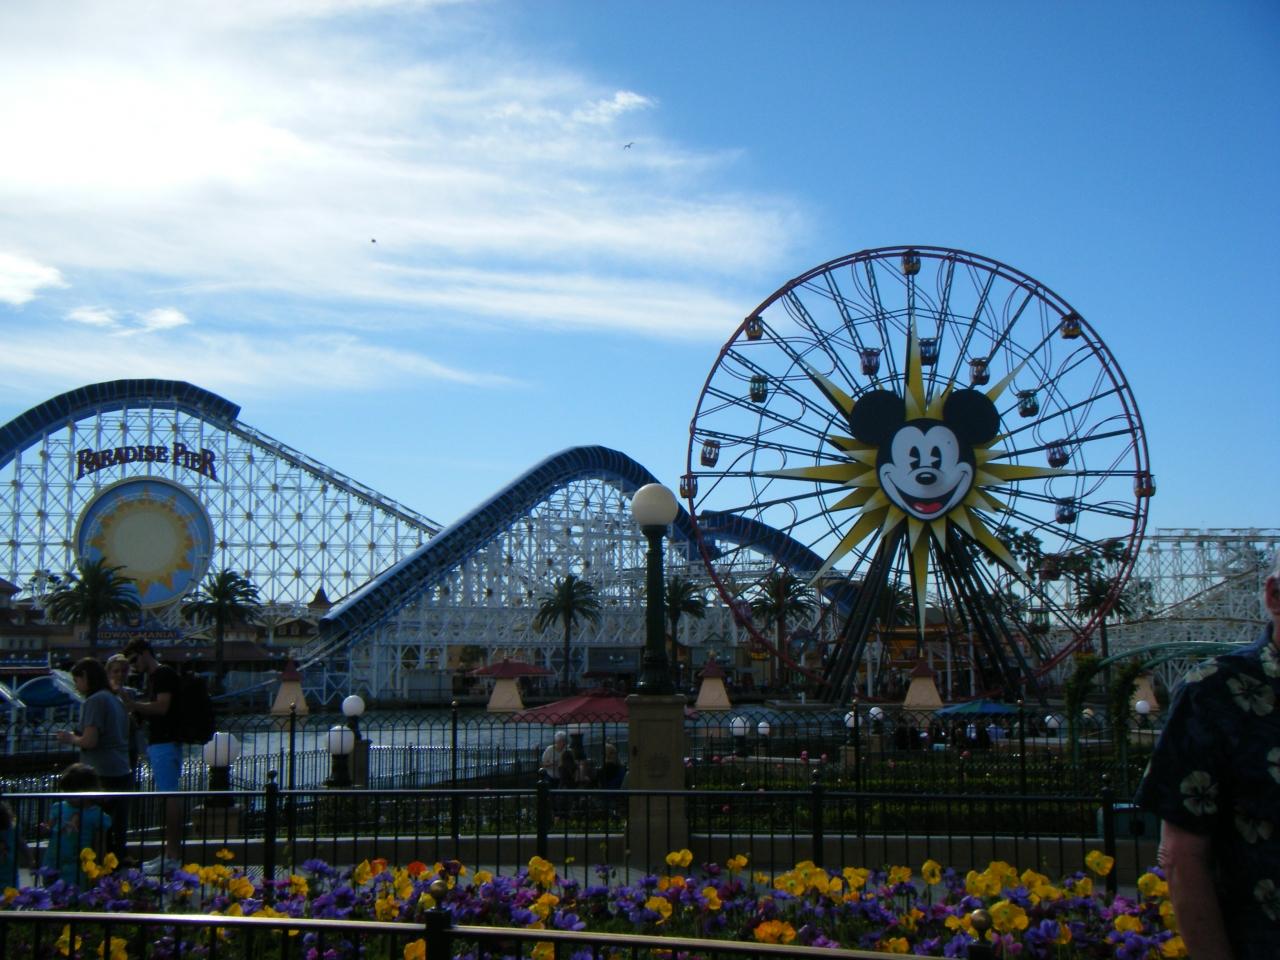 カリフォルニアディズニー&l.aショッピングの旅』ロサンゼルス